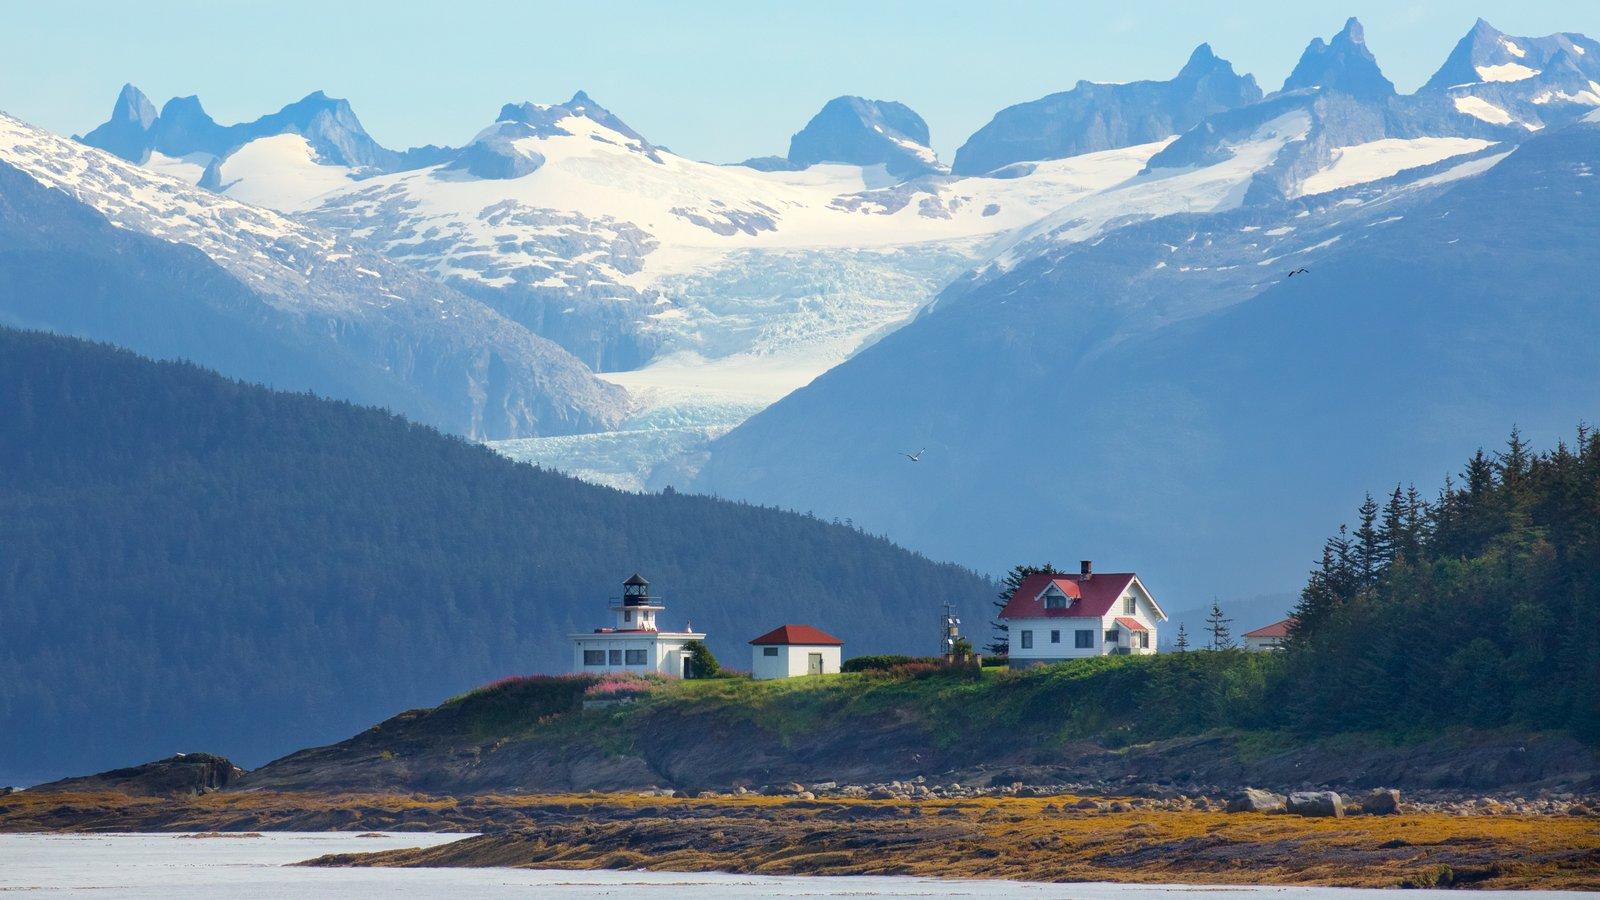 Juneau Pictures: View Photos & Images Of Juneau